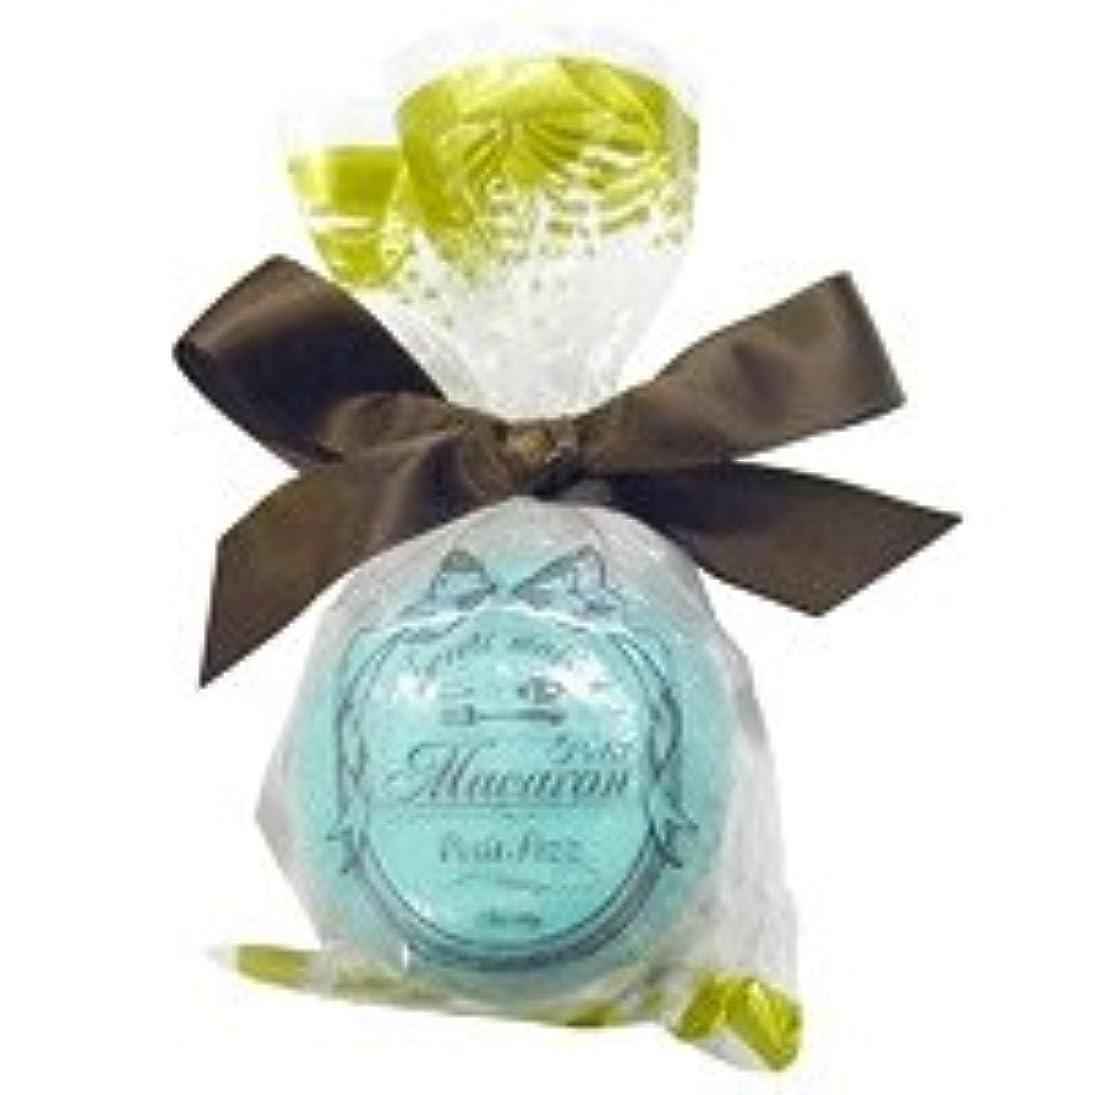 加速度乗り出す帰るスウィーツメゾン プチマカロンフィズ「ターコイズ」12個セット 香り豊かなグリーンティの香り